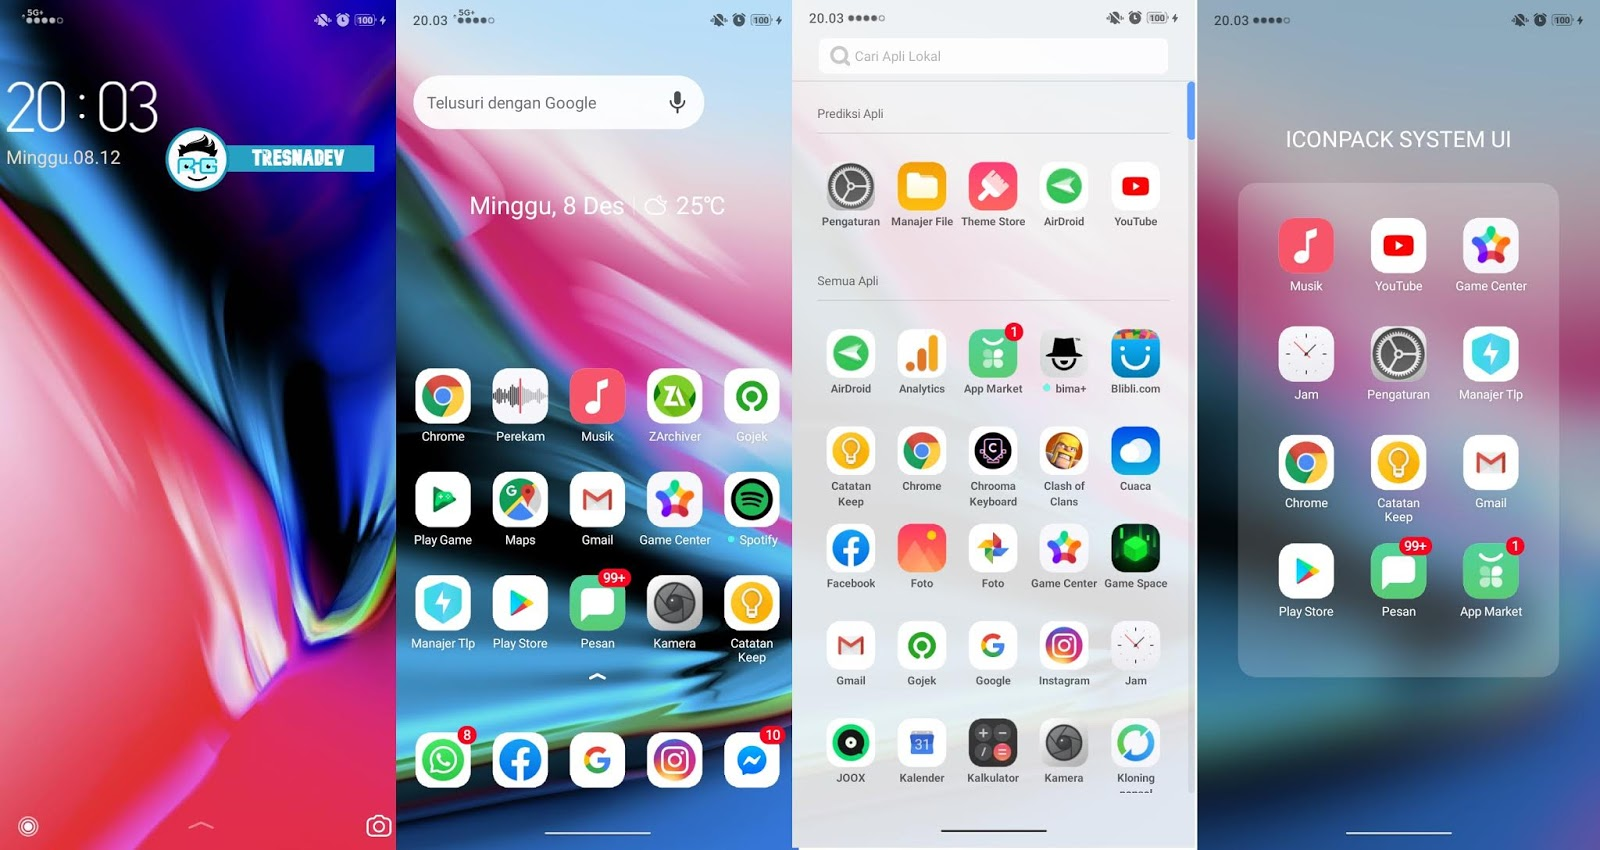 Themes iOS 13 Mini 5G+ Premium for OPPO & Realme